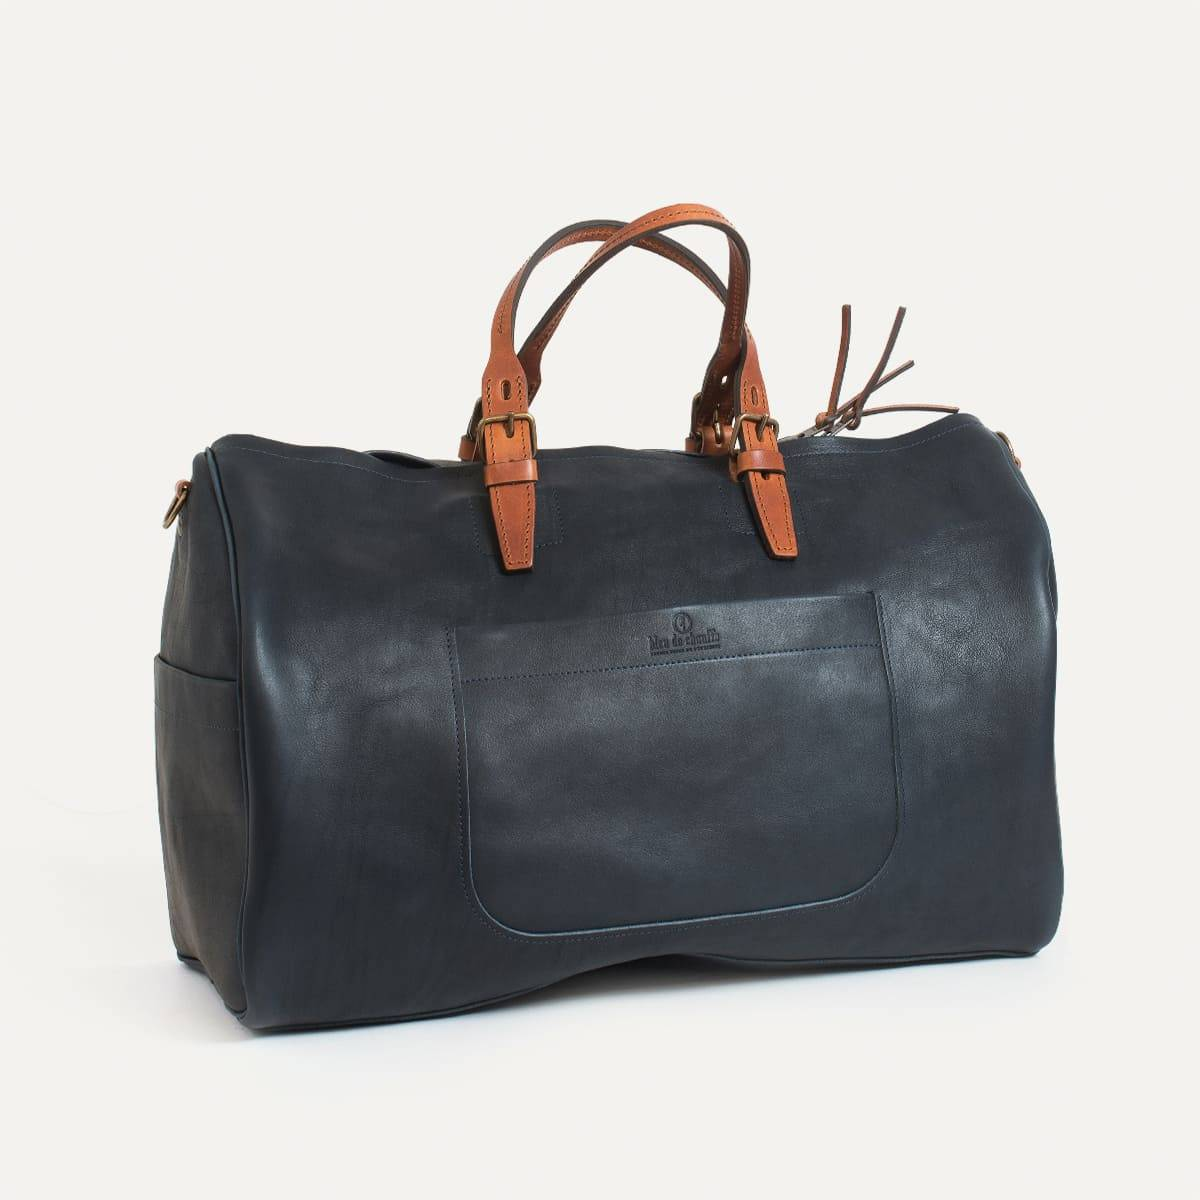 e97c3d1ed1 Sac de voyage en cuir Homme - Made in France | Bleu de chauffe